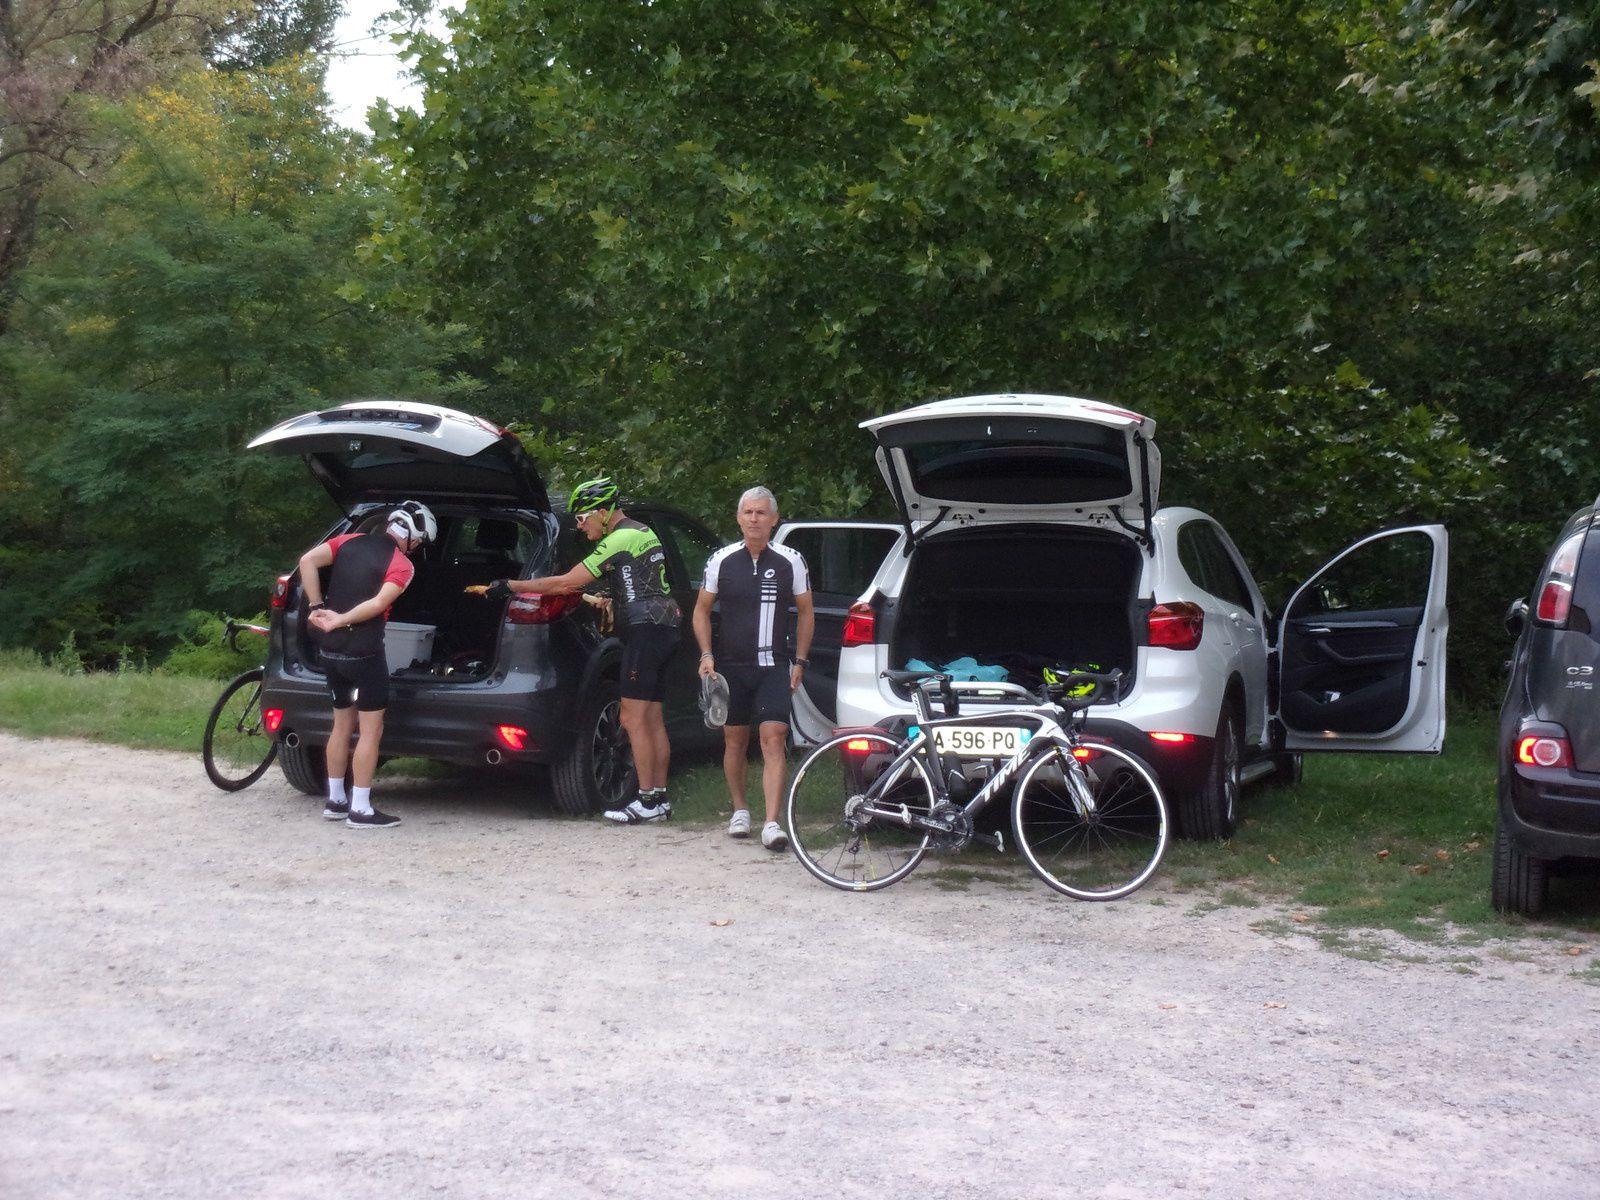 Les préparatifs sur le parking à SAINT-PIERRE-DE-BOEUF